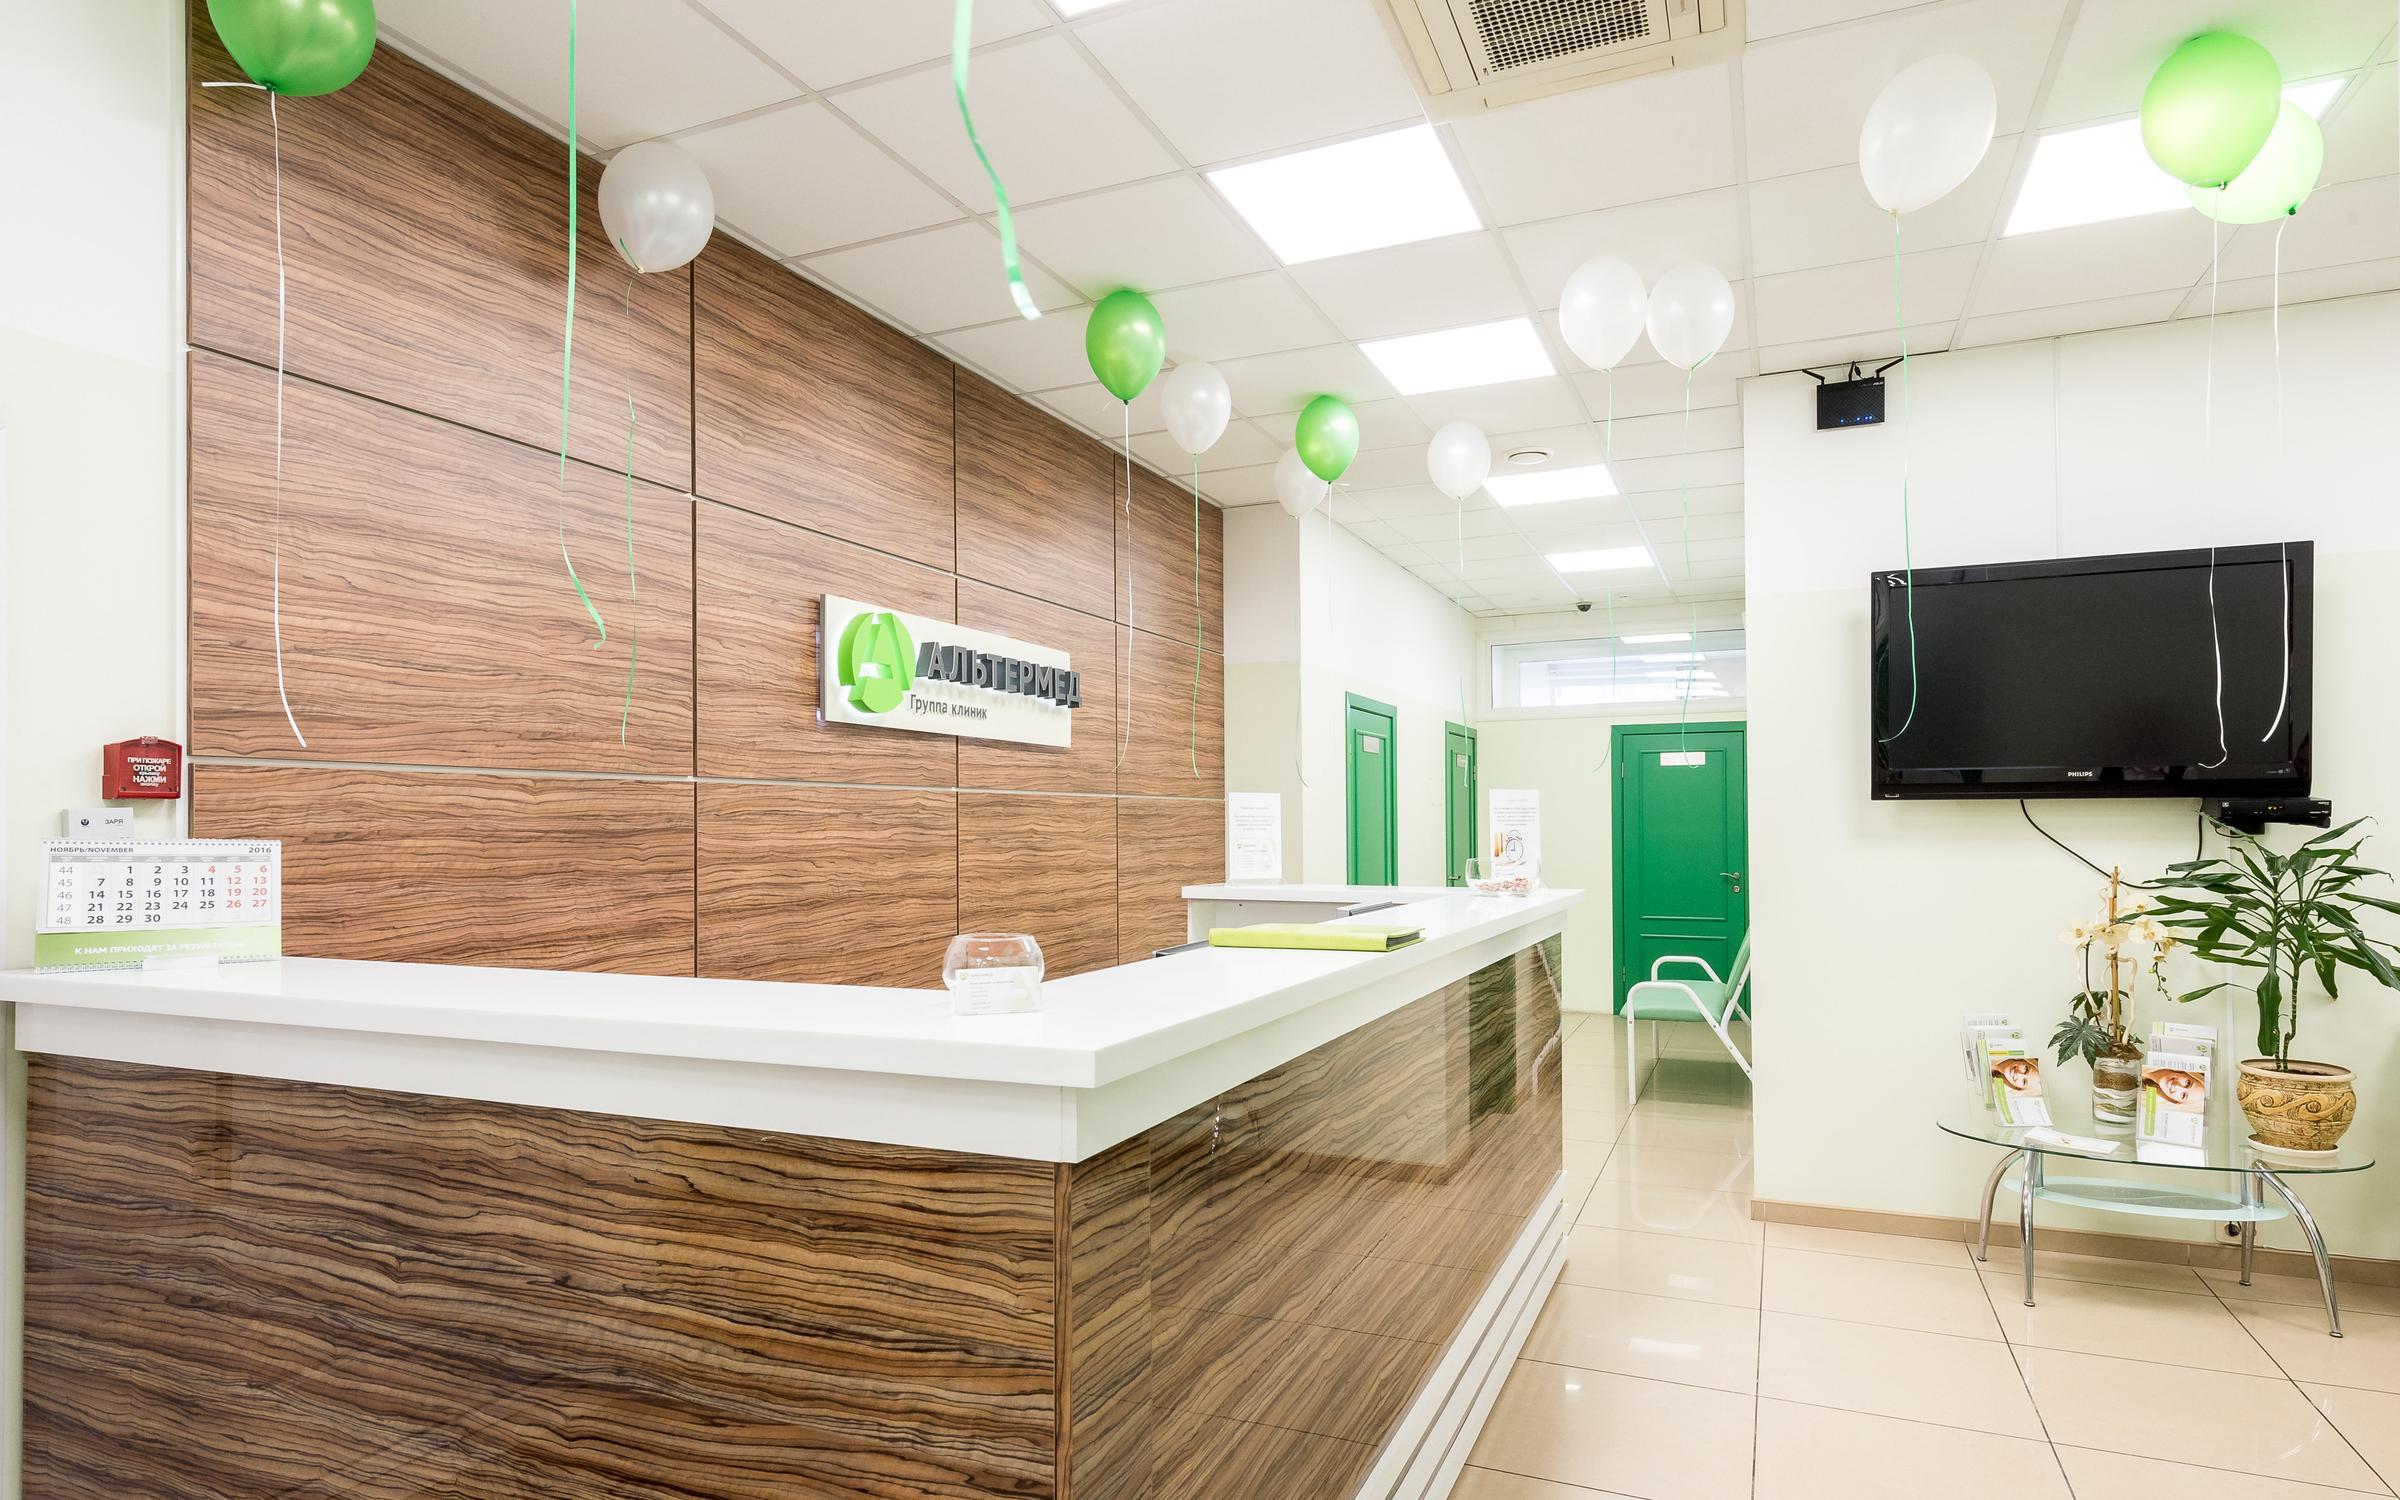 фотография Клиники Альтермед у метро Купчино